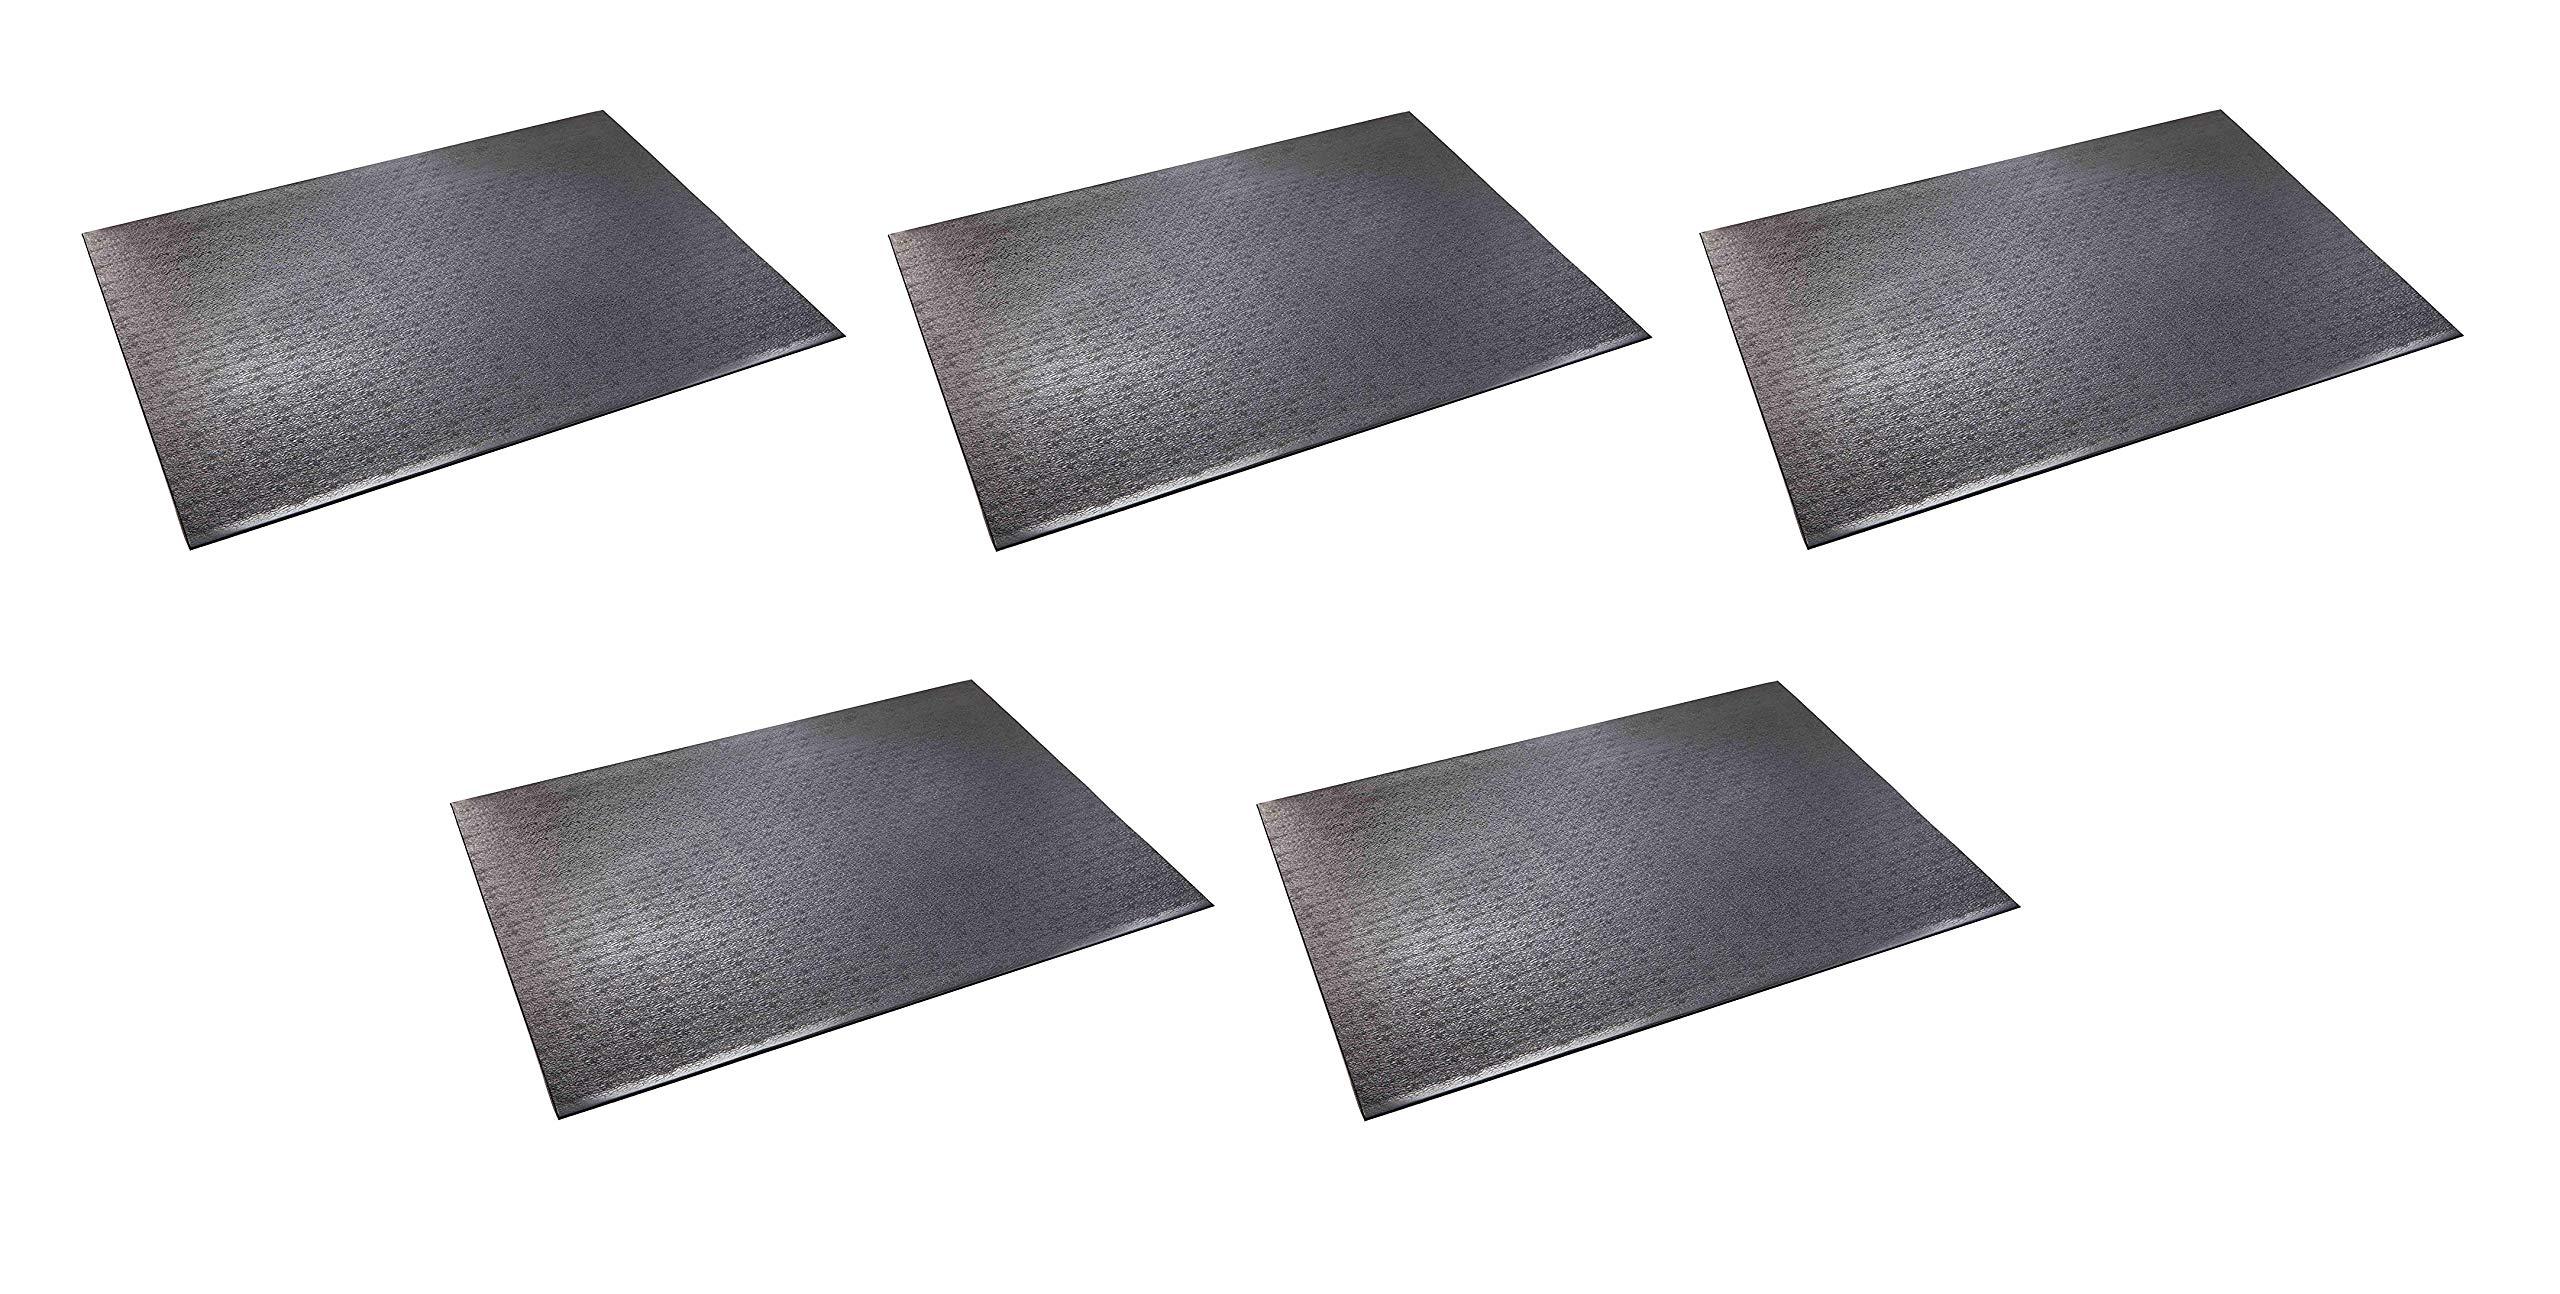 SuperMats 27GS Solid Equipment Mat (Вundlе оf Fіvе)